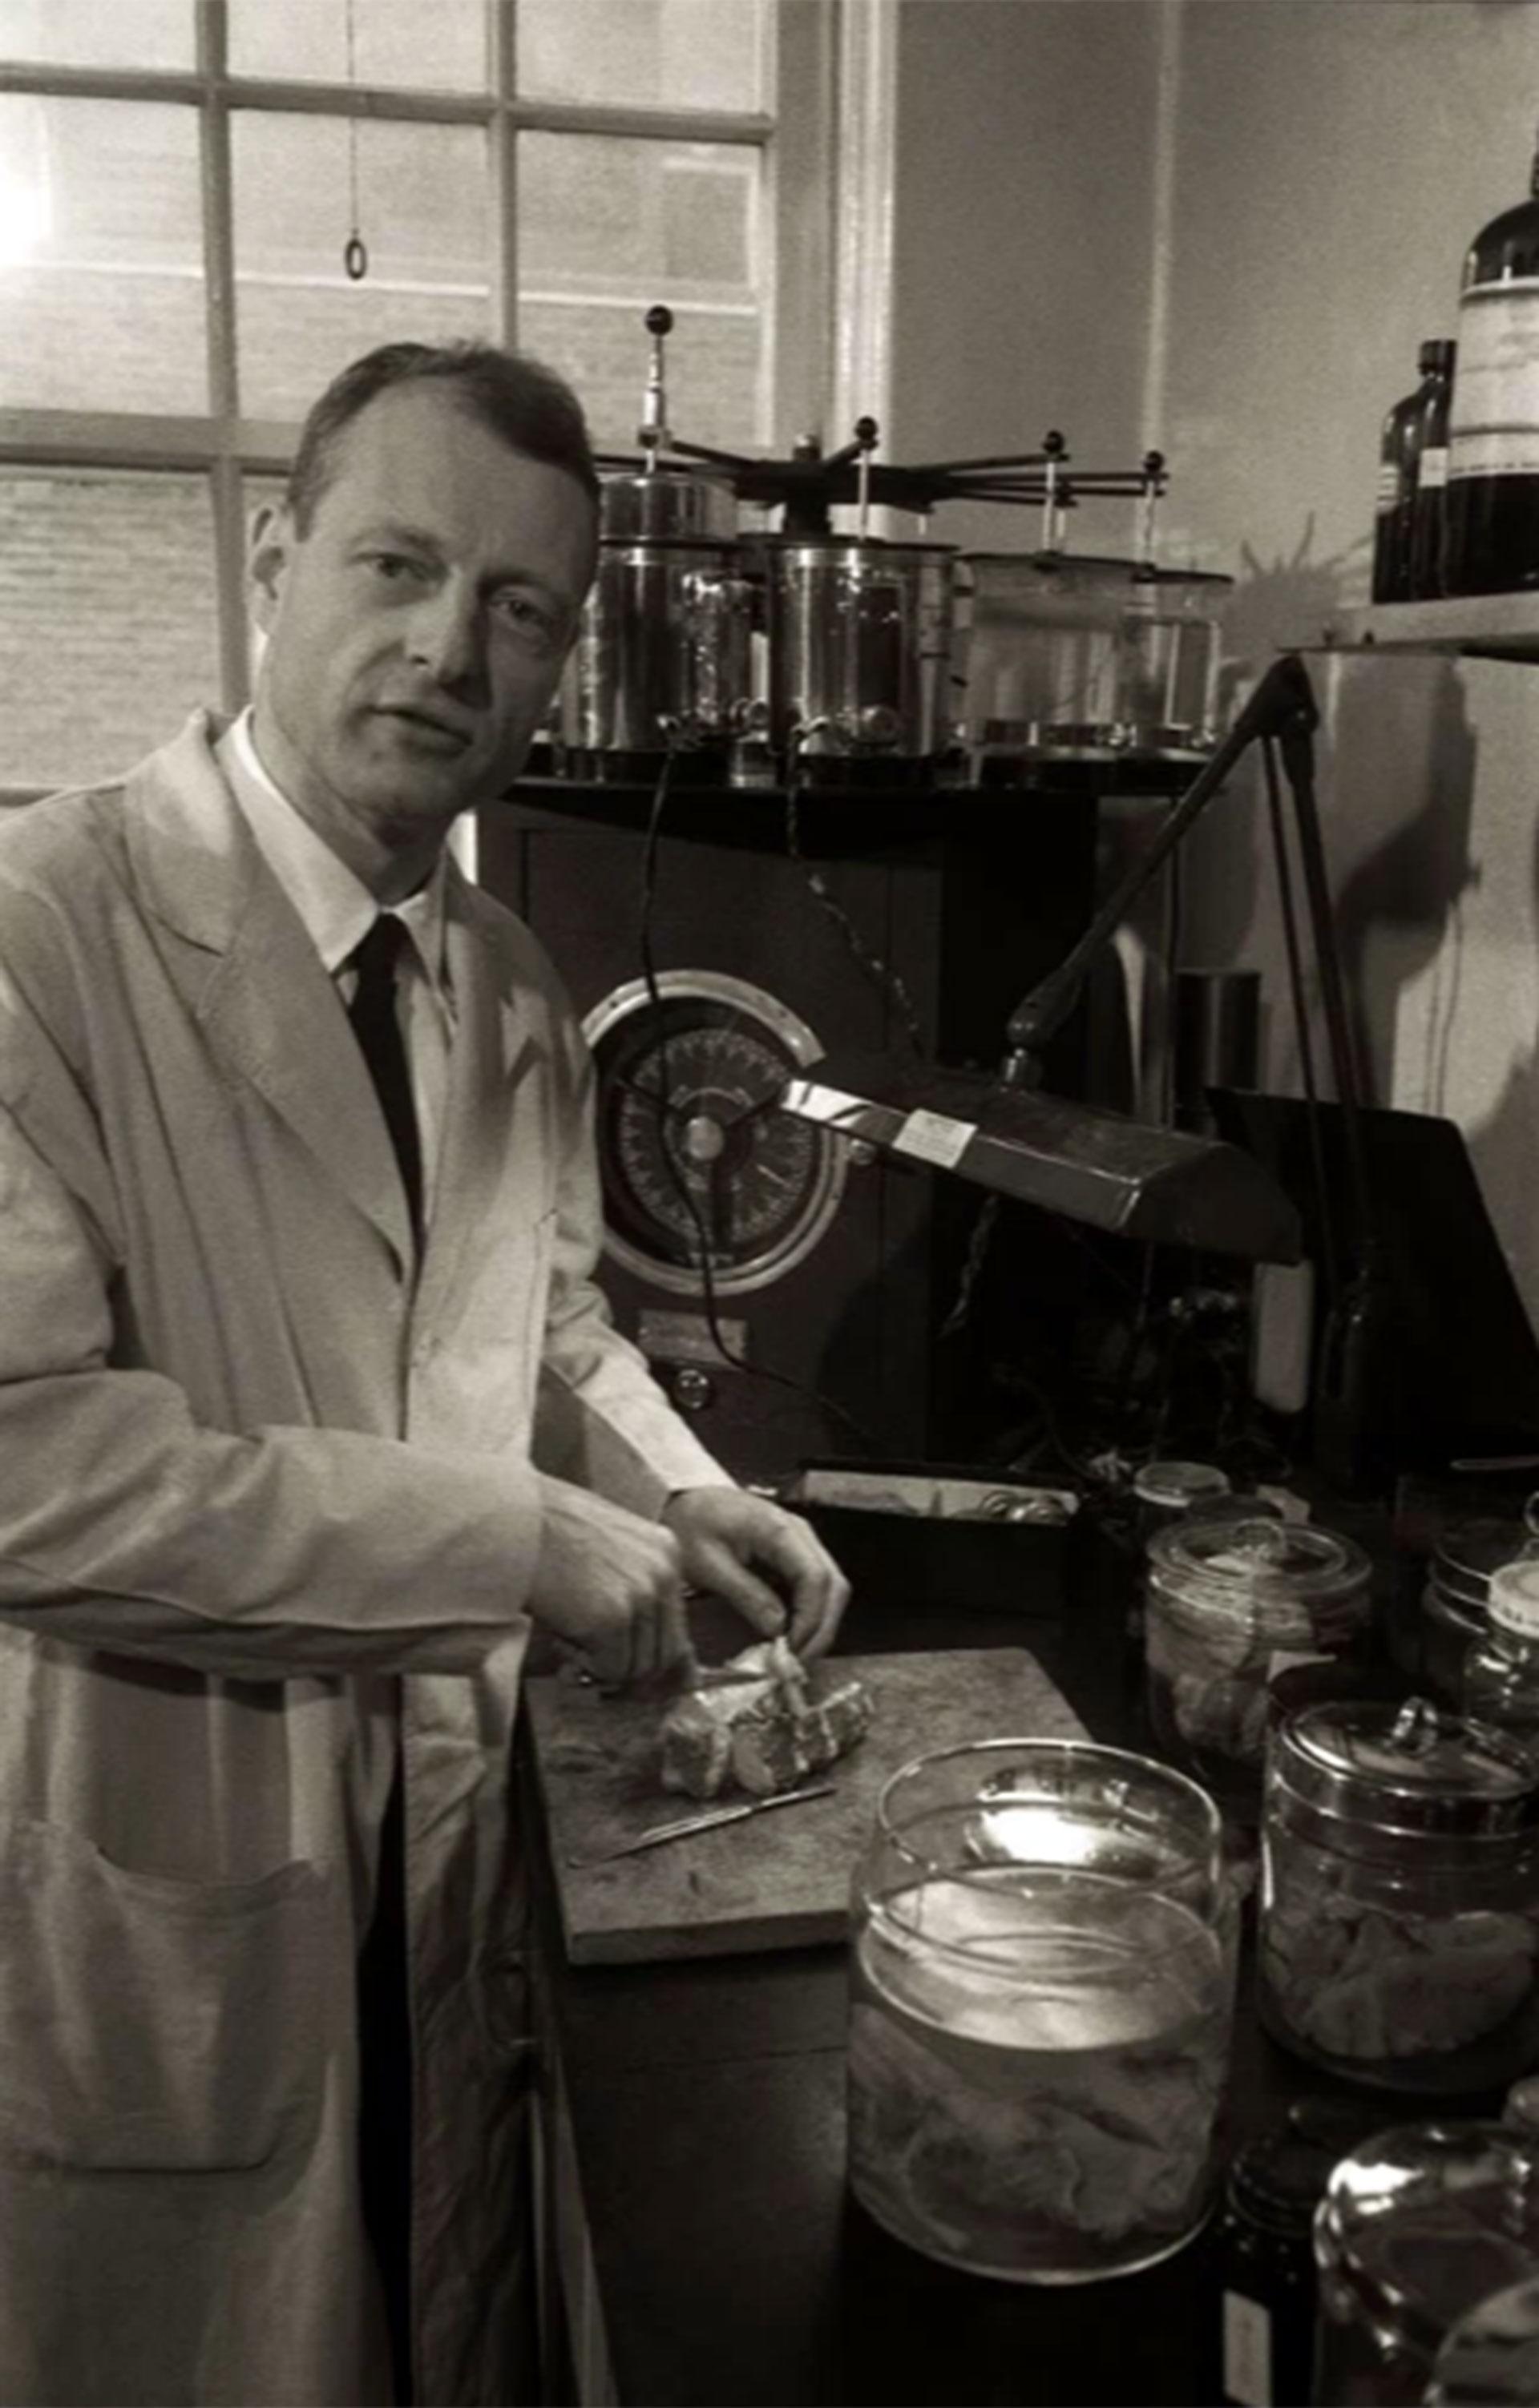 El doctor Thomas Harvey muestra a Ralph Morse cómo disecciona lo que sería el cerebro de Albert Einstein para su estudio.